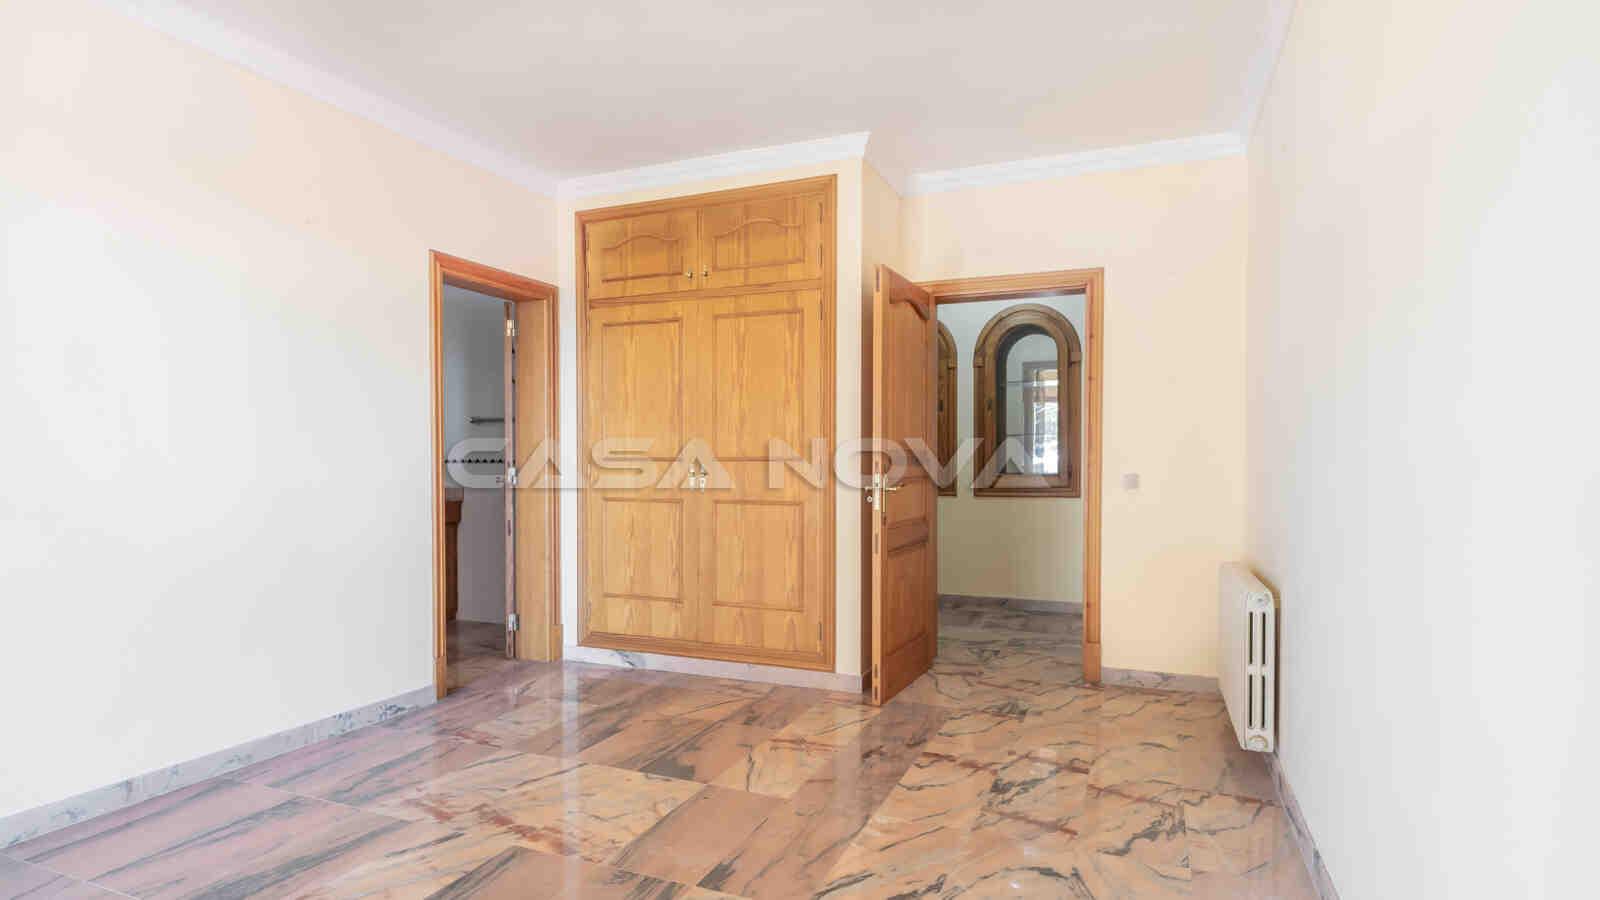 Edles Schlafzimmer mit Badezimmer en Suite